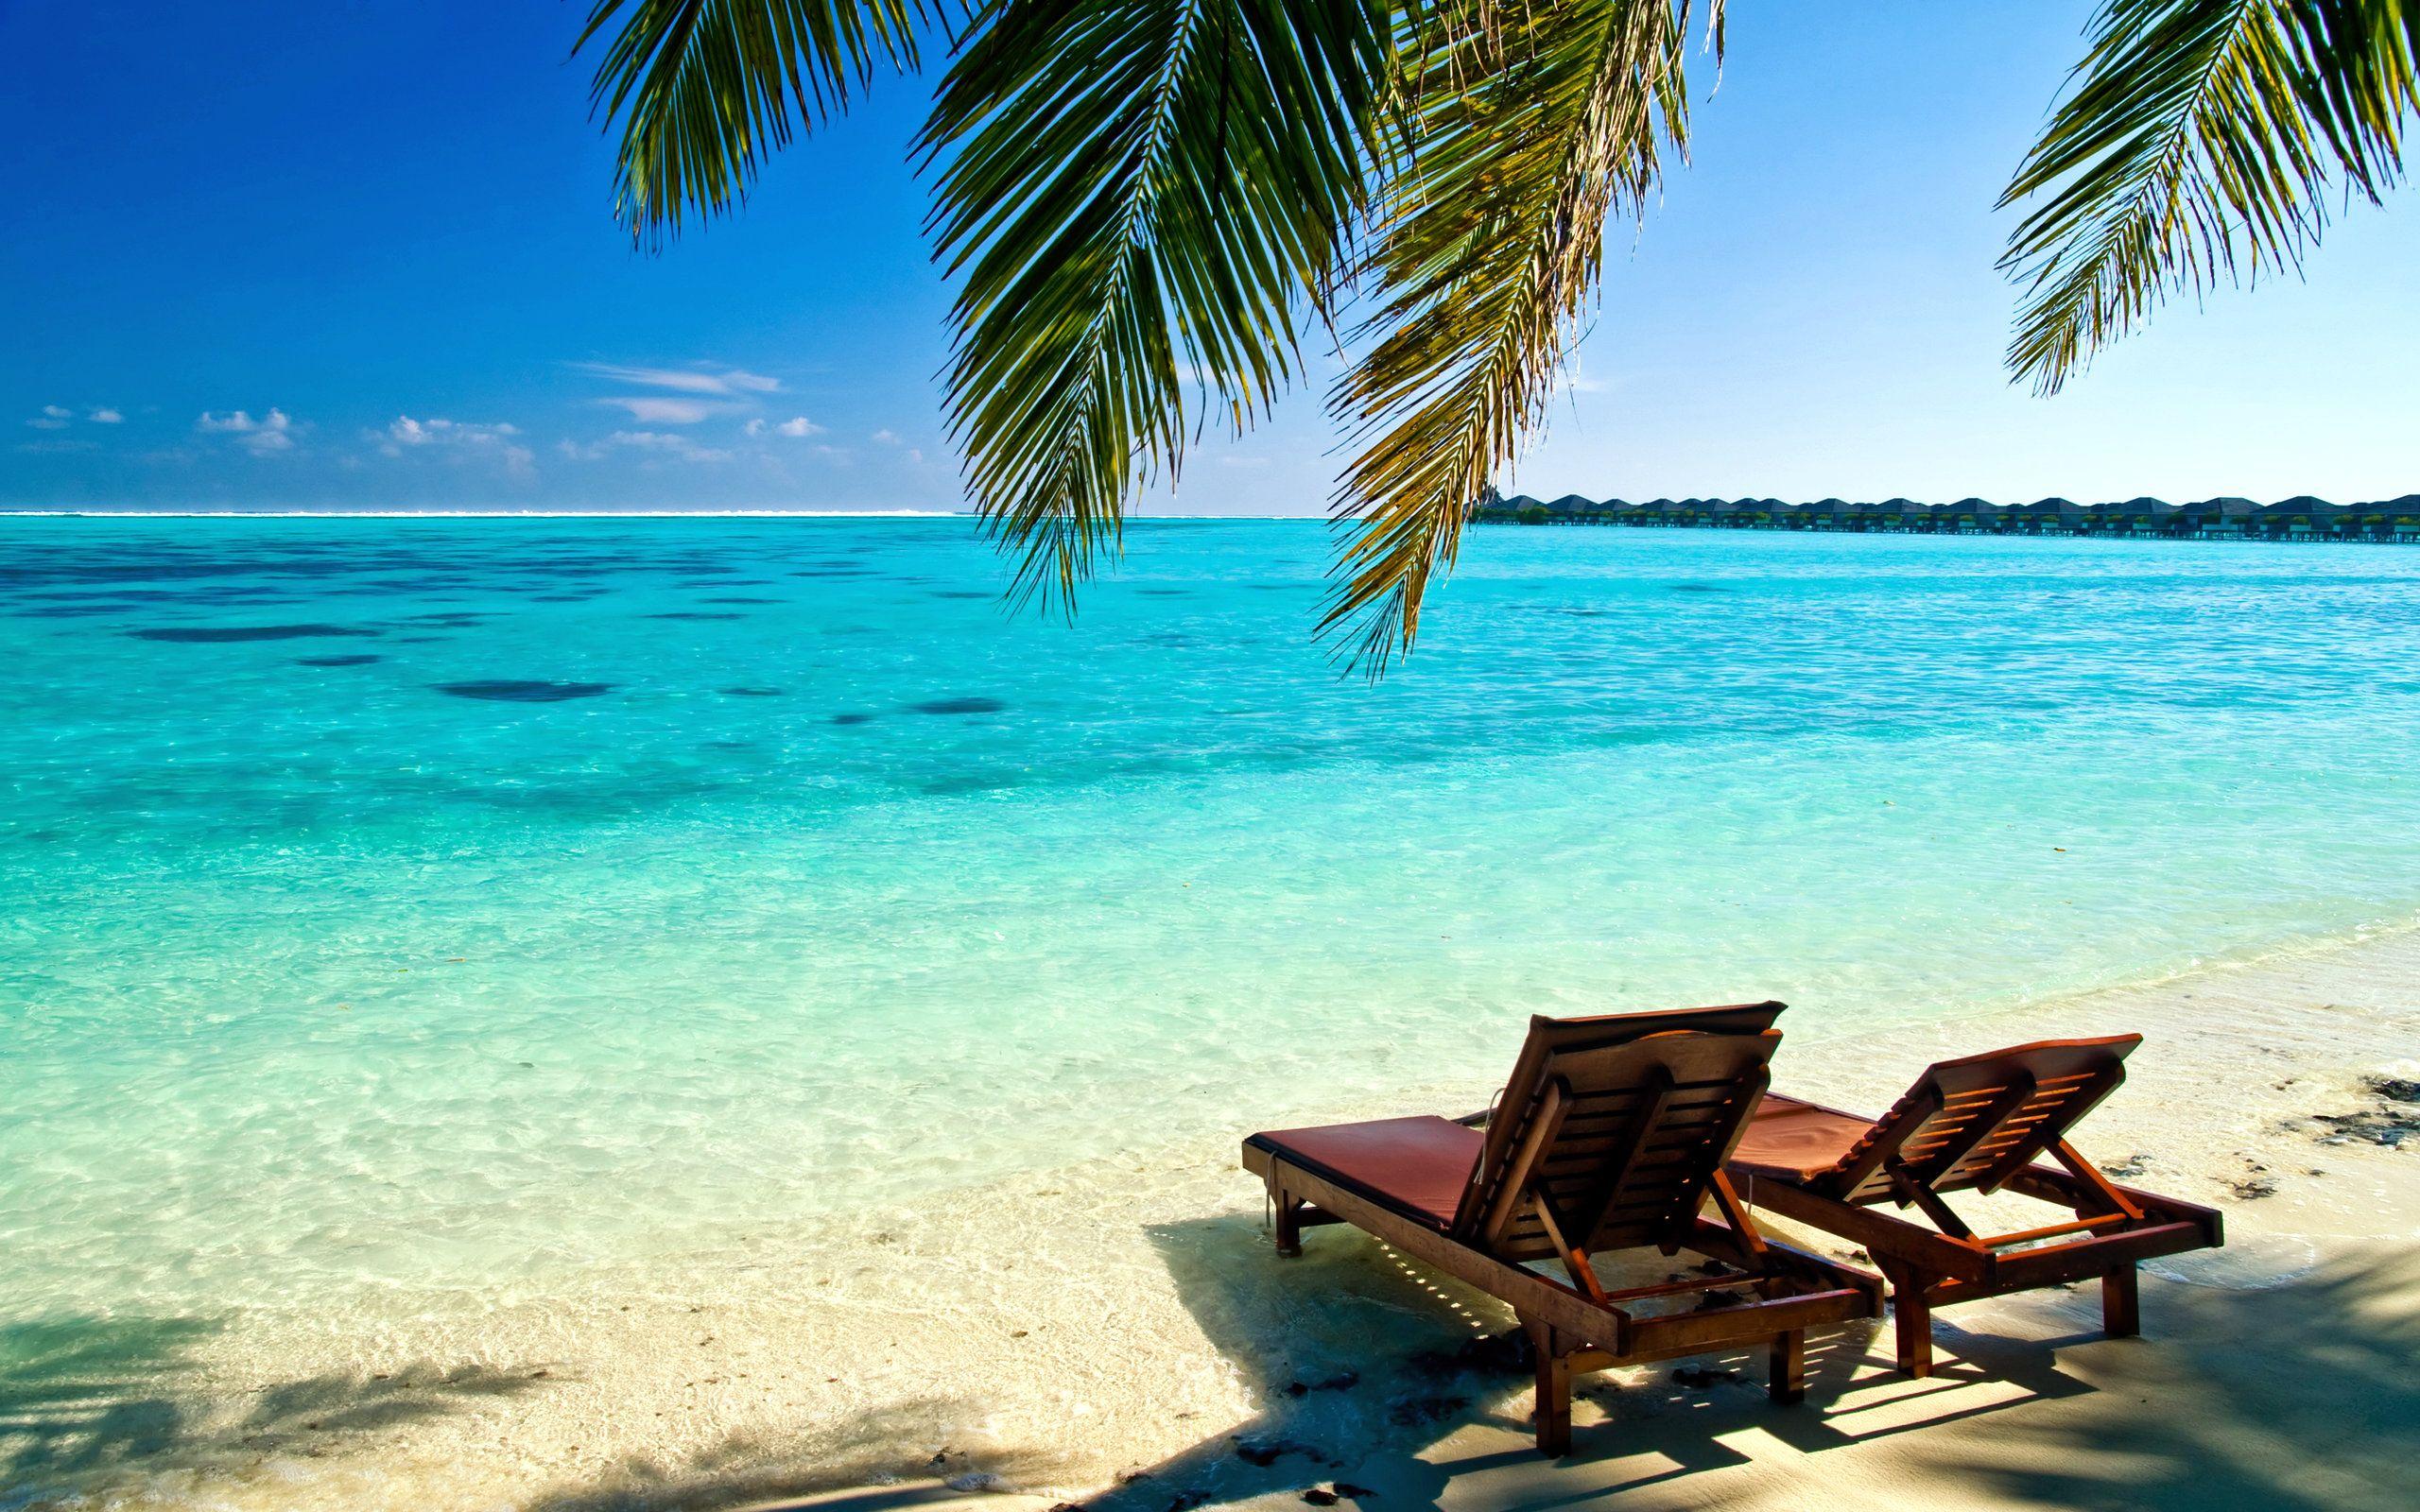 Vacation Desktop Wallpapers   Top Vacation Desktop 2560x1600